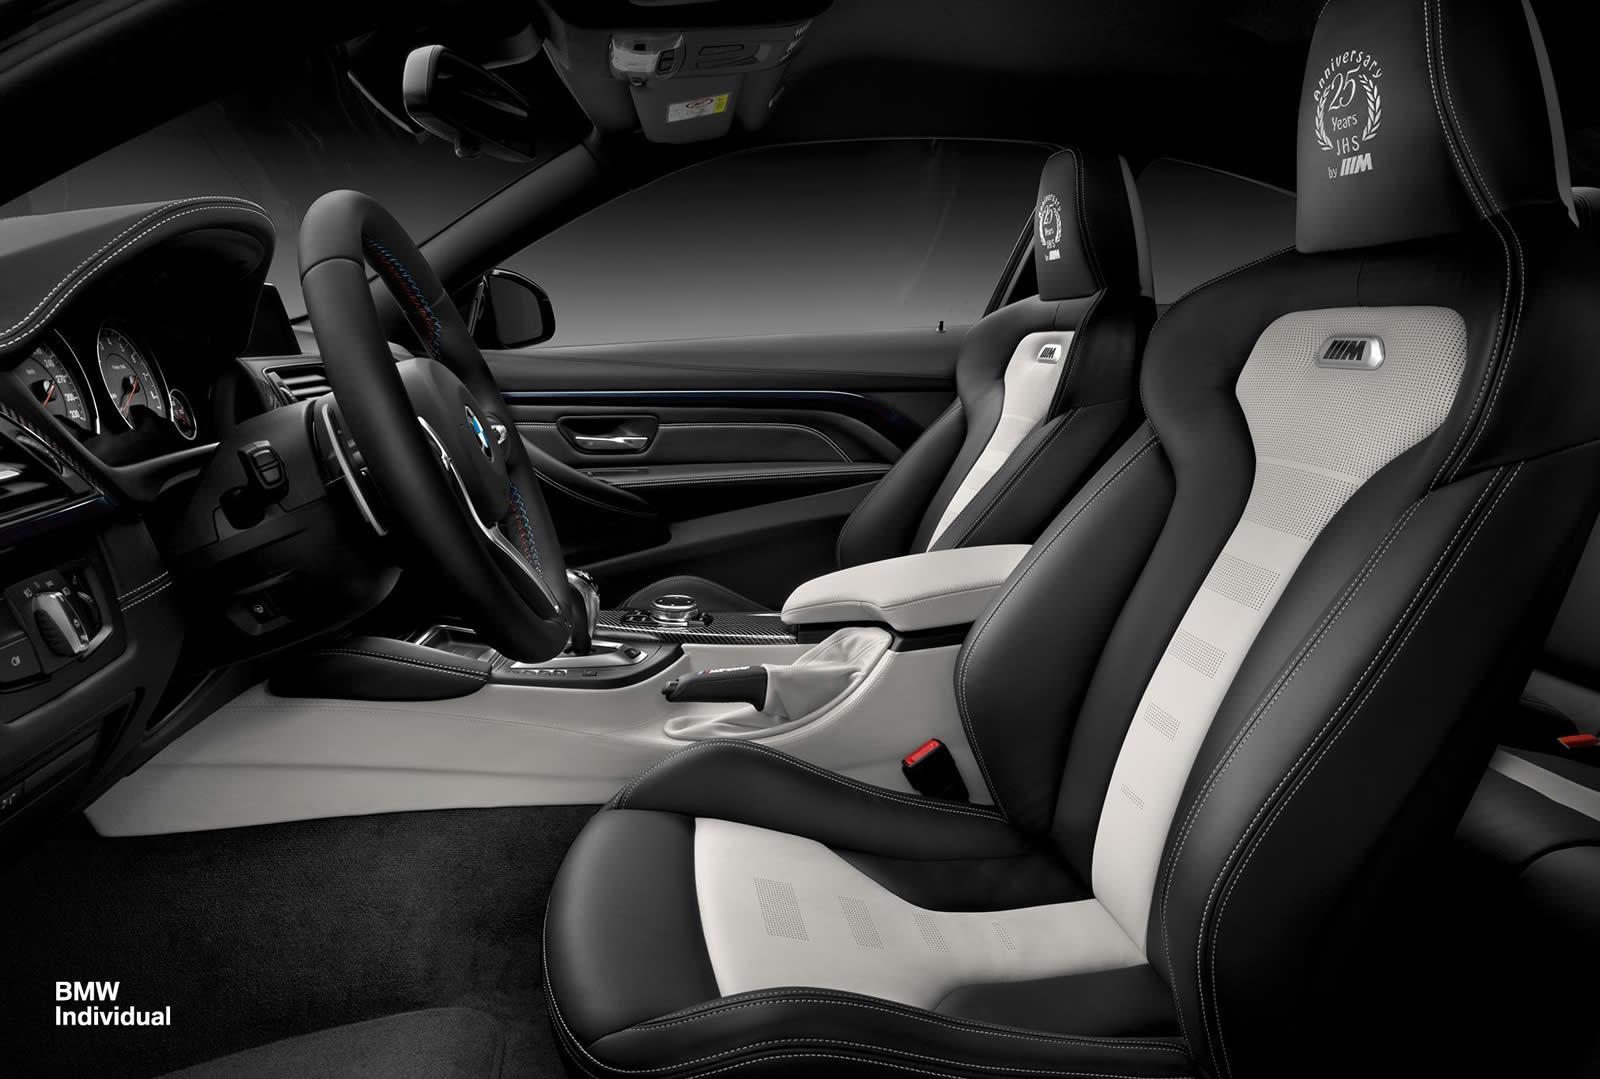 BMW Individual celebra sus 25 años con un M4 único 2